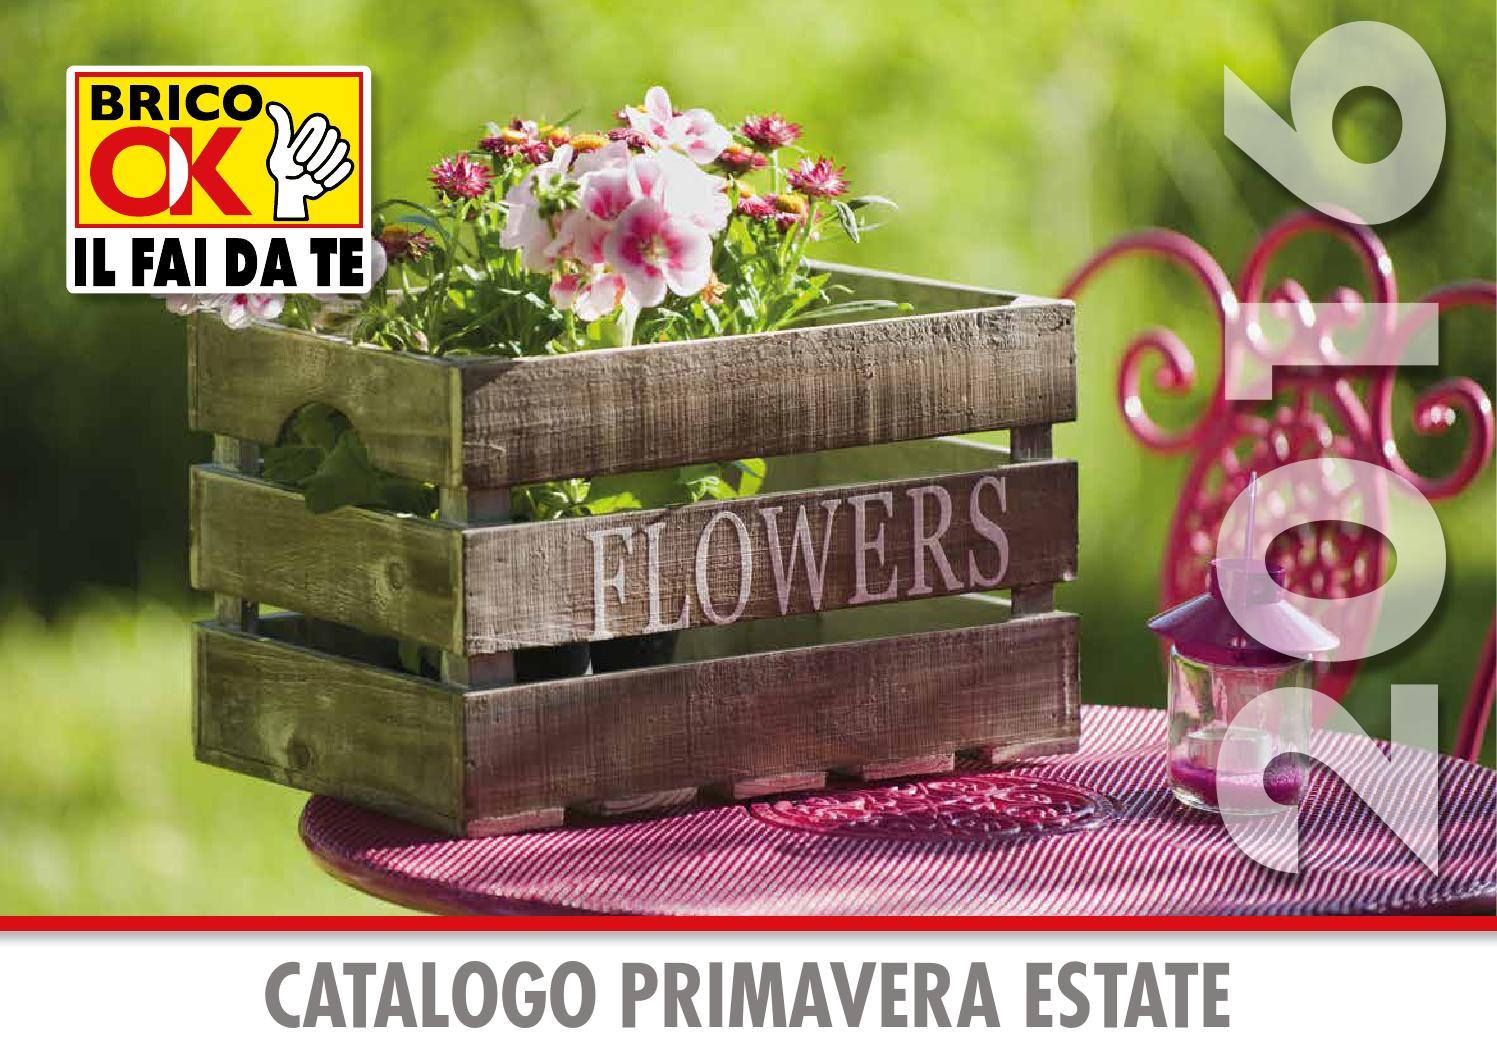 Brico ok catalogo primavera estate 2016 lr by bricolegno - Ombrelloni da giardino brico ...